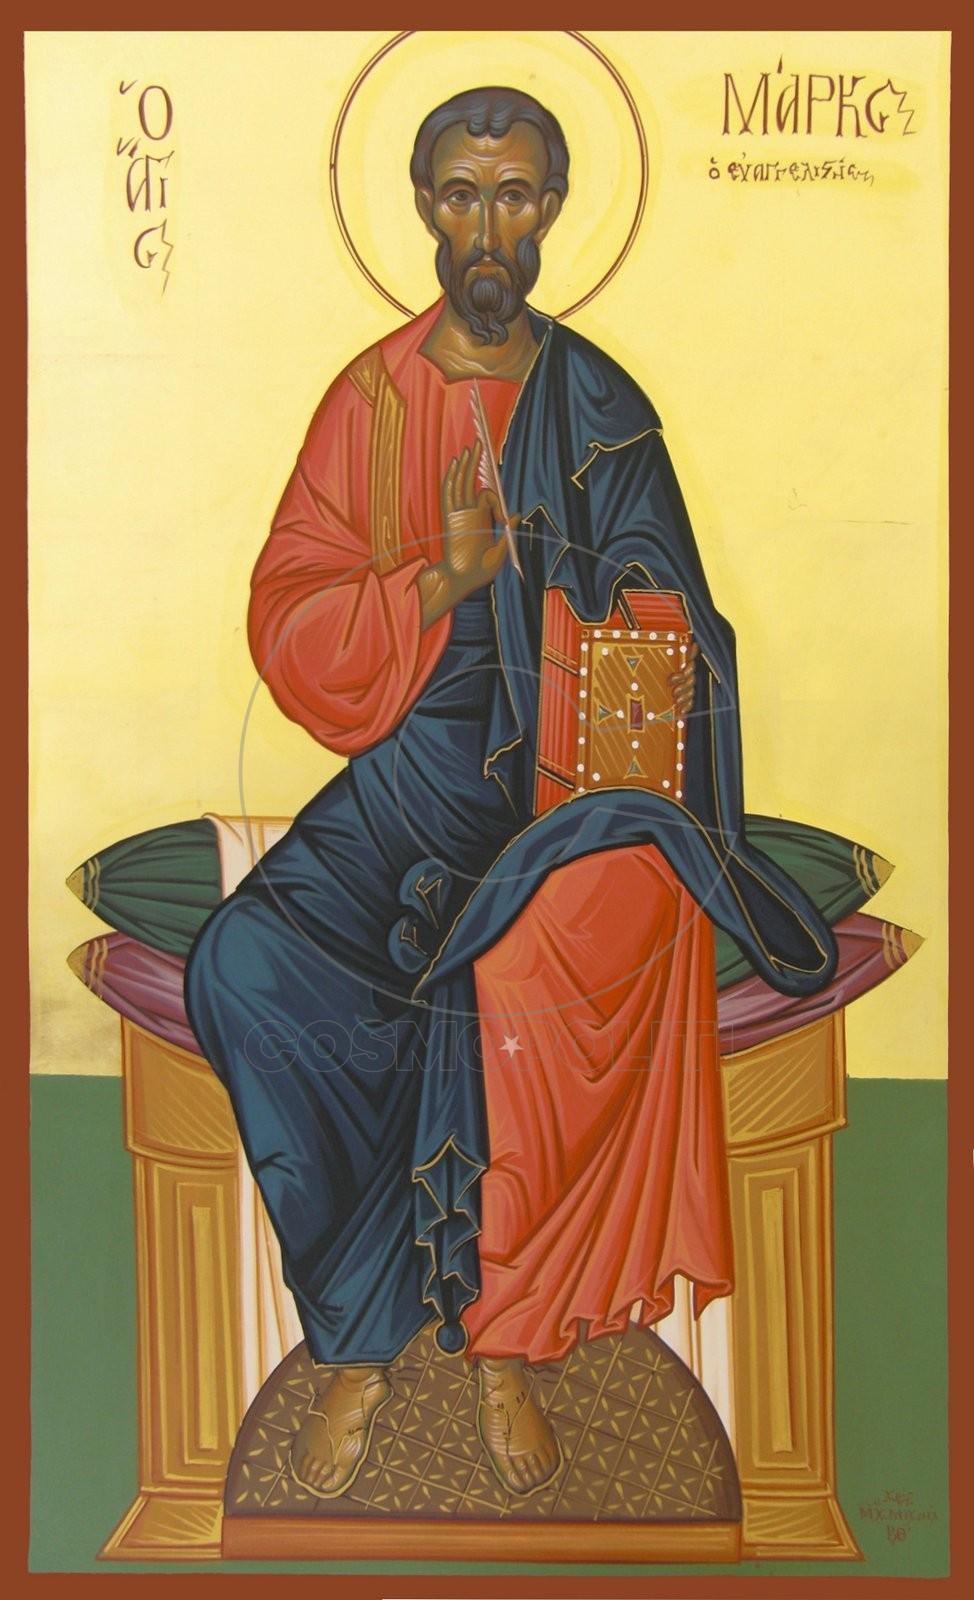 Ο Άγιος Μάρκος ο Ευαγγελιστής